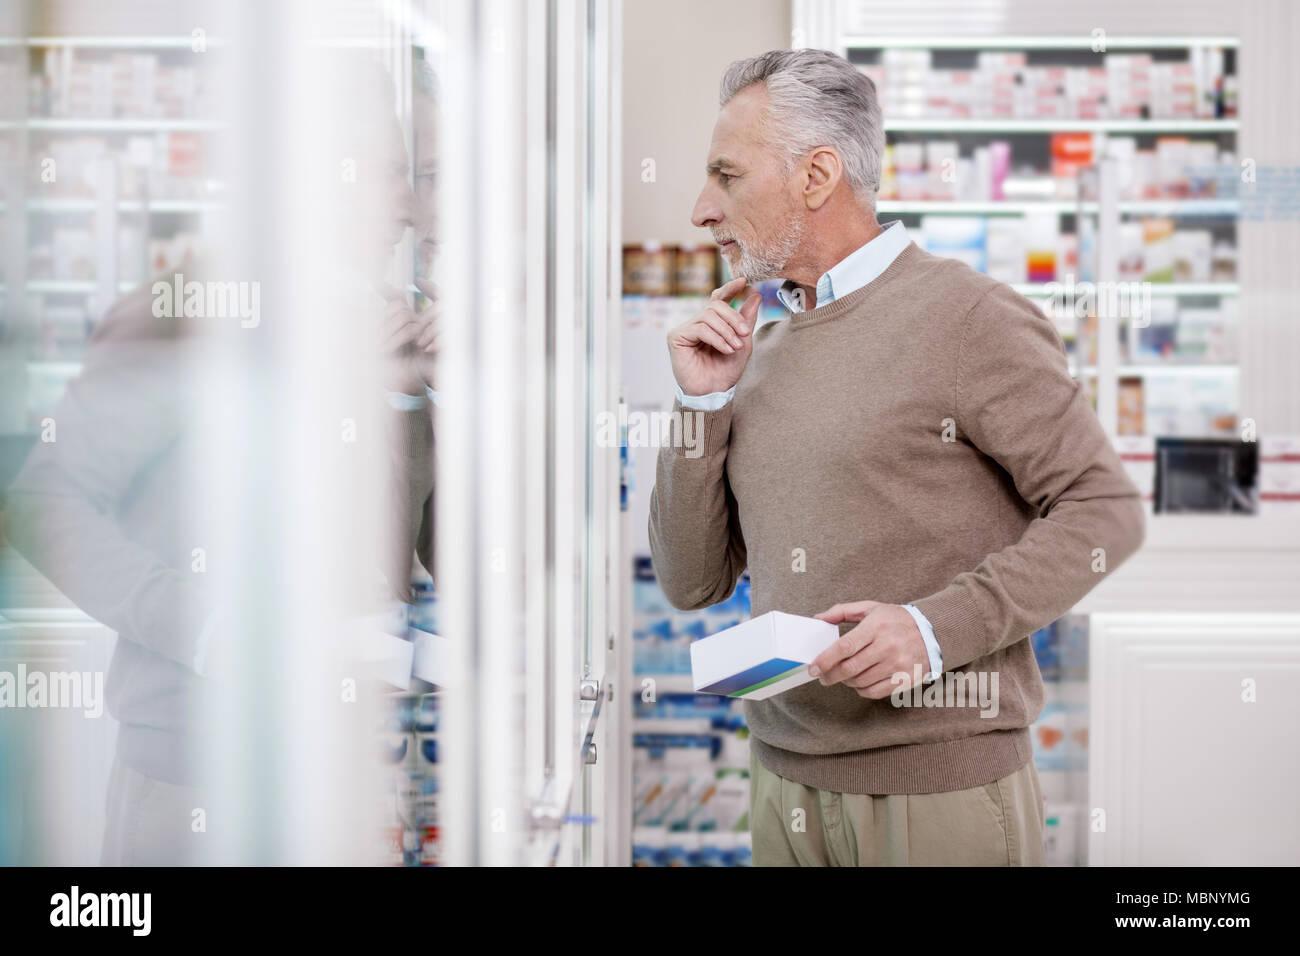 Apuesto hombre senior eligiendo vitaminas Imagen De Stock